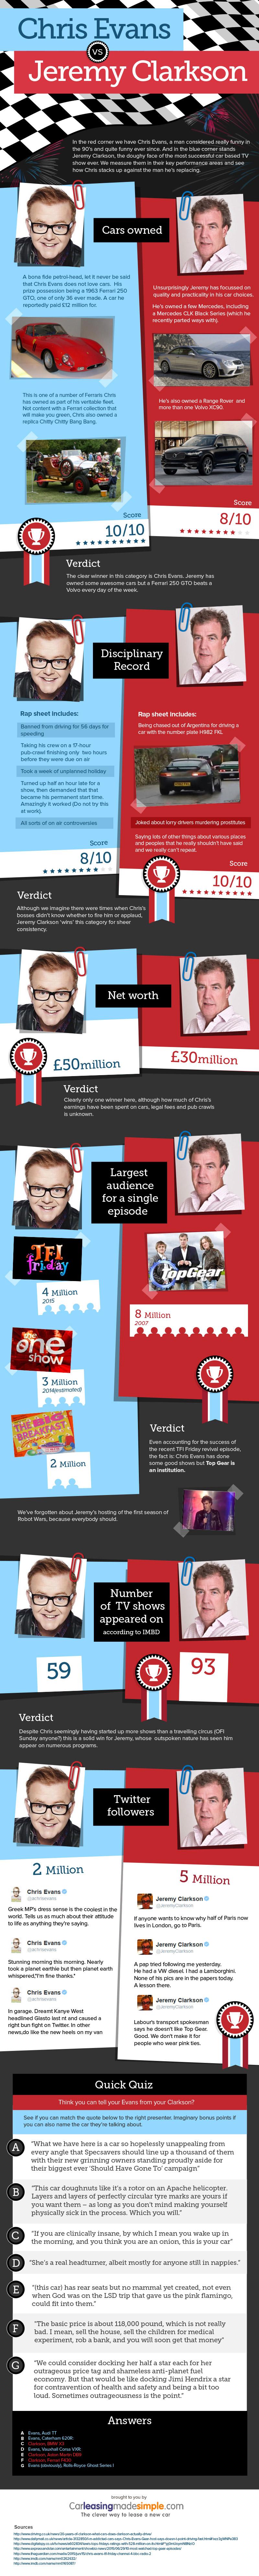 Top Gear: Chris Evans vs Jeremy Clarkson